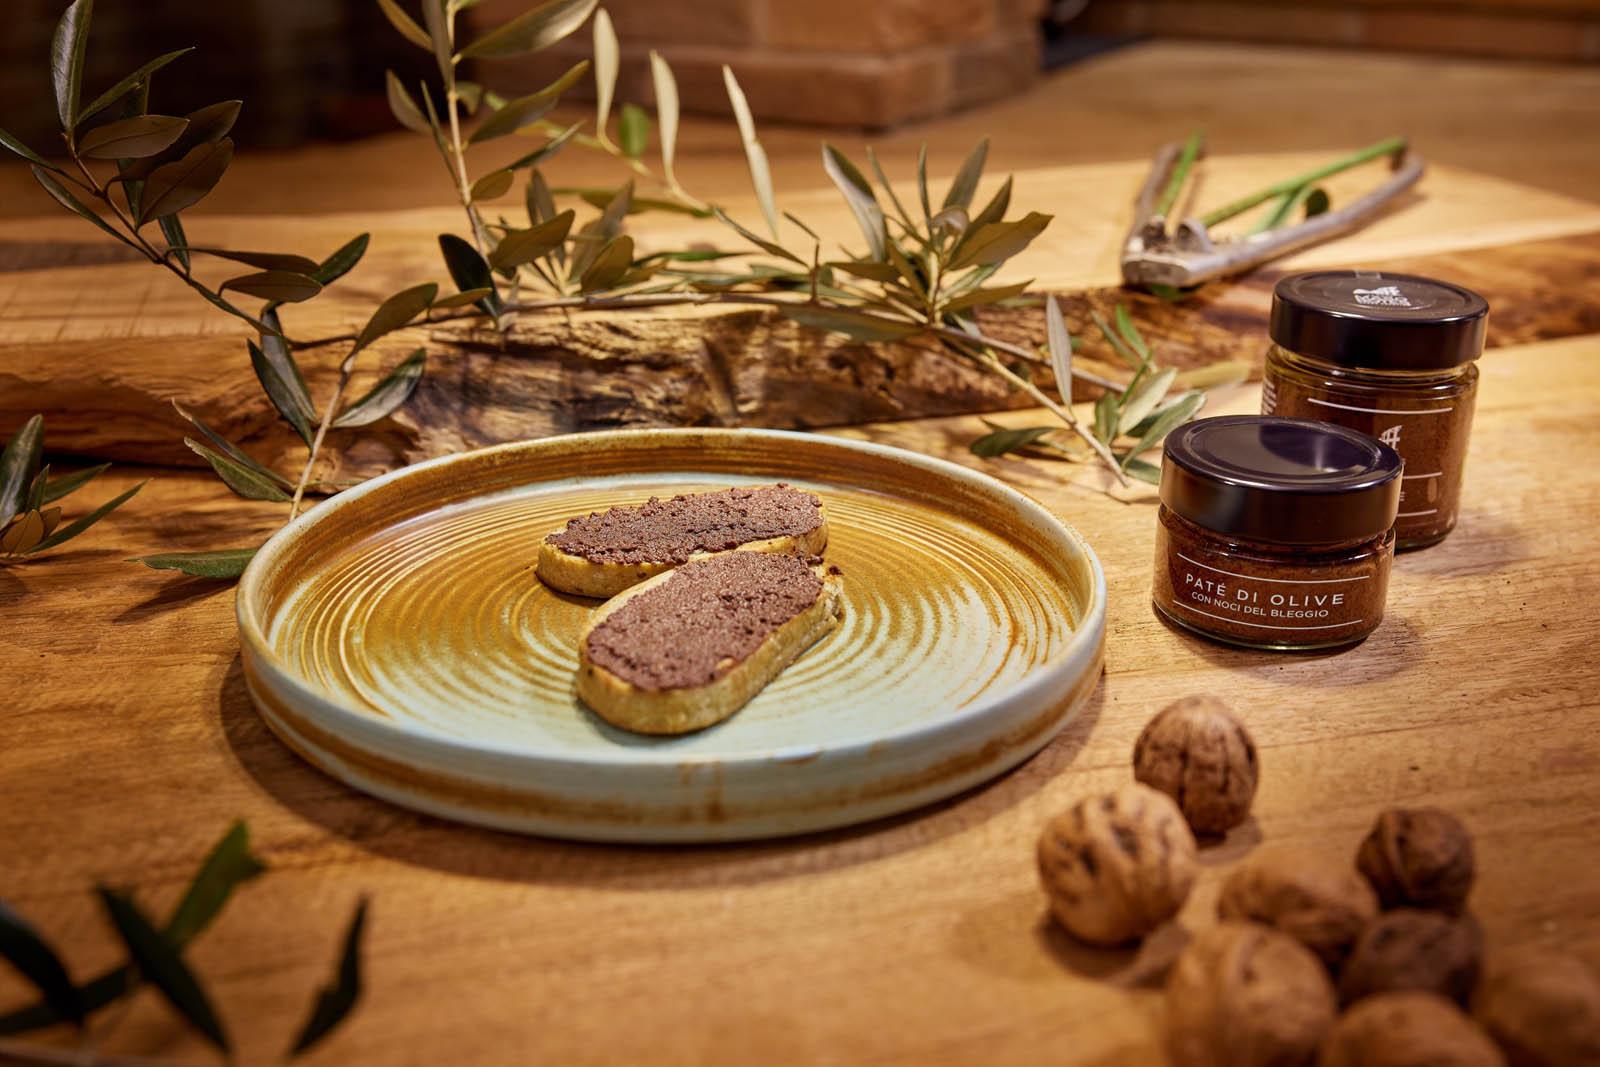 Agriturismo Maso Botes Paté di Olive con noci del Bleggio